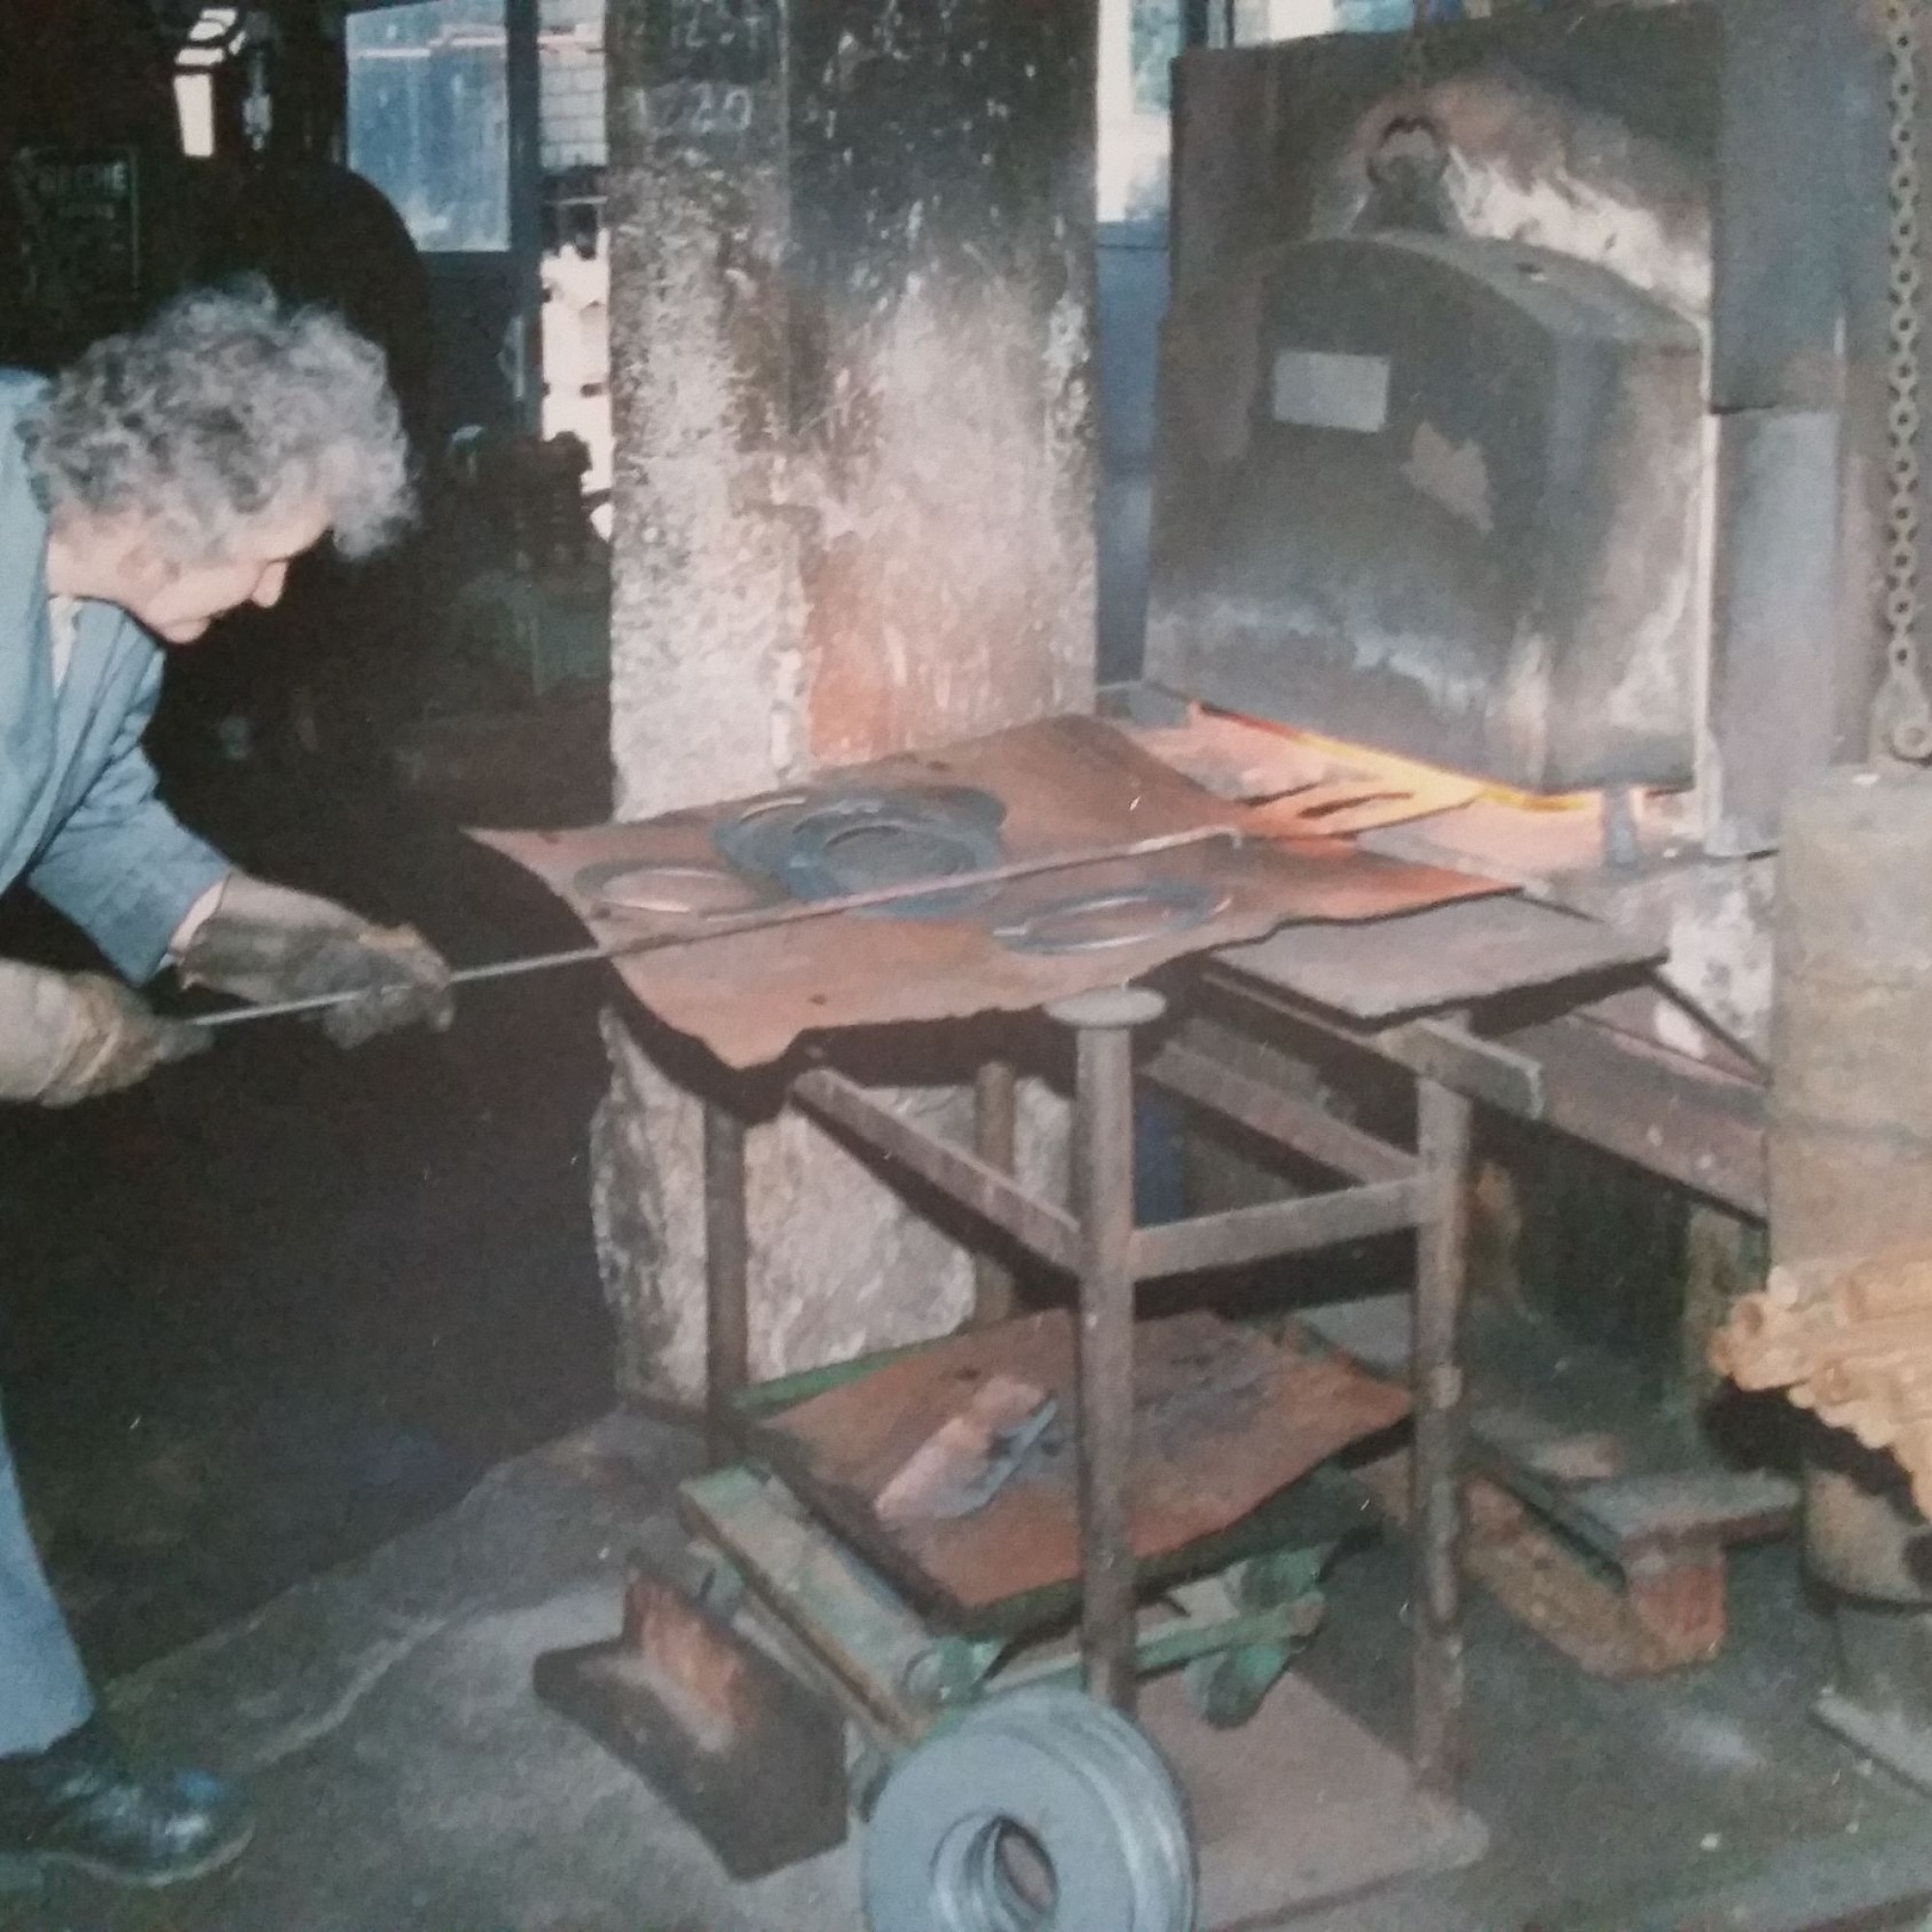 Tatkräftig unterstützt wurde der rastlose Handwerker von seiner Frau Elfriede.